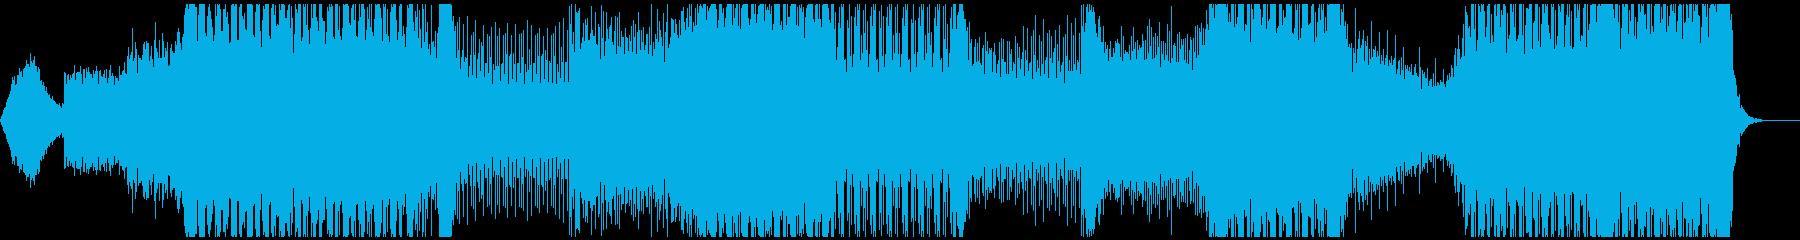 クールなデジタルミュージック、OP系の再生済みの波形